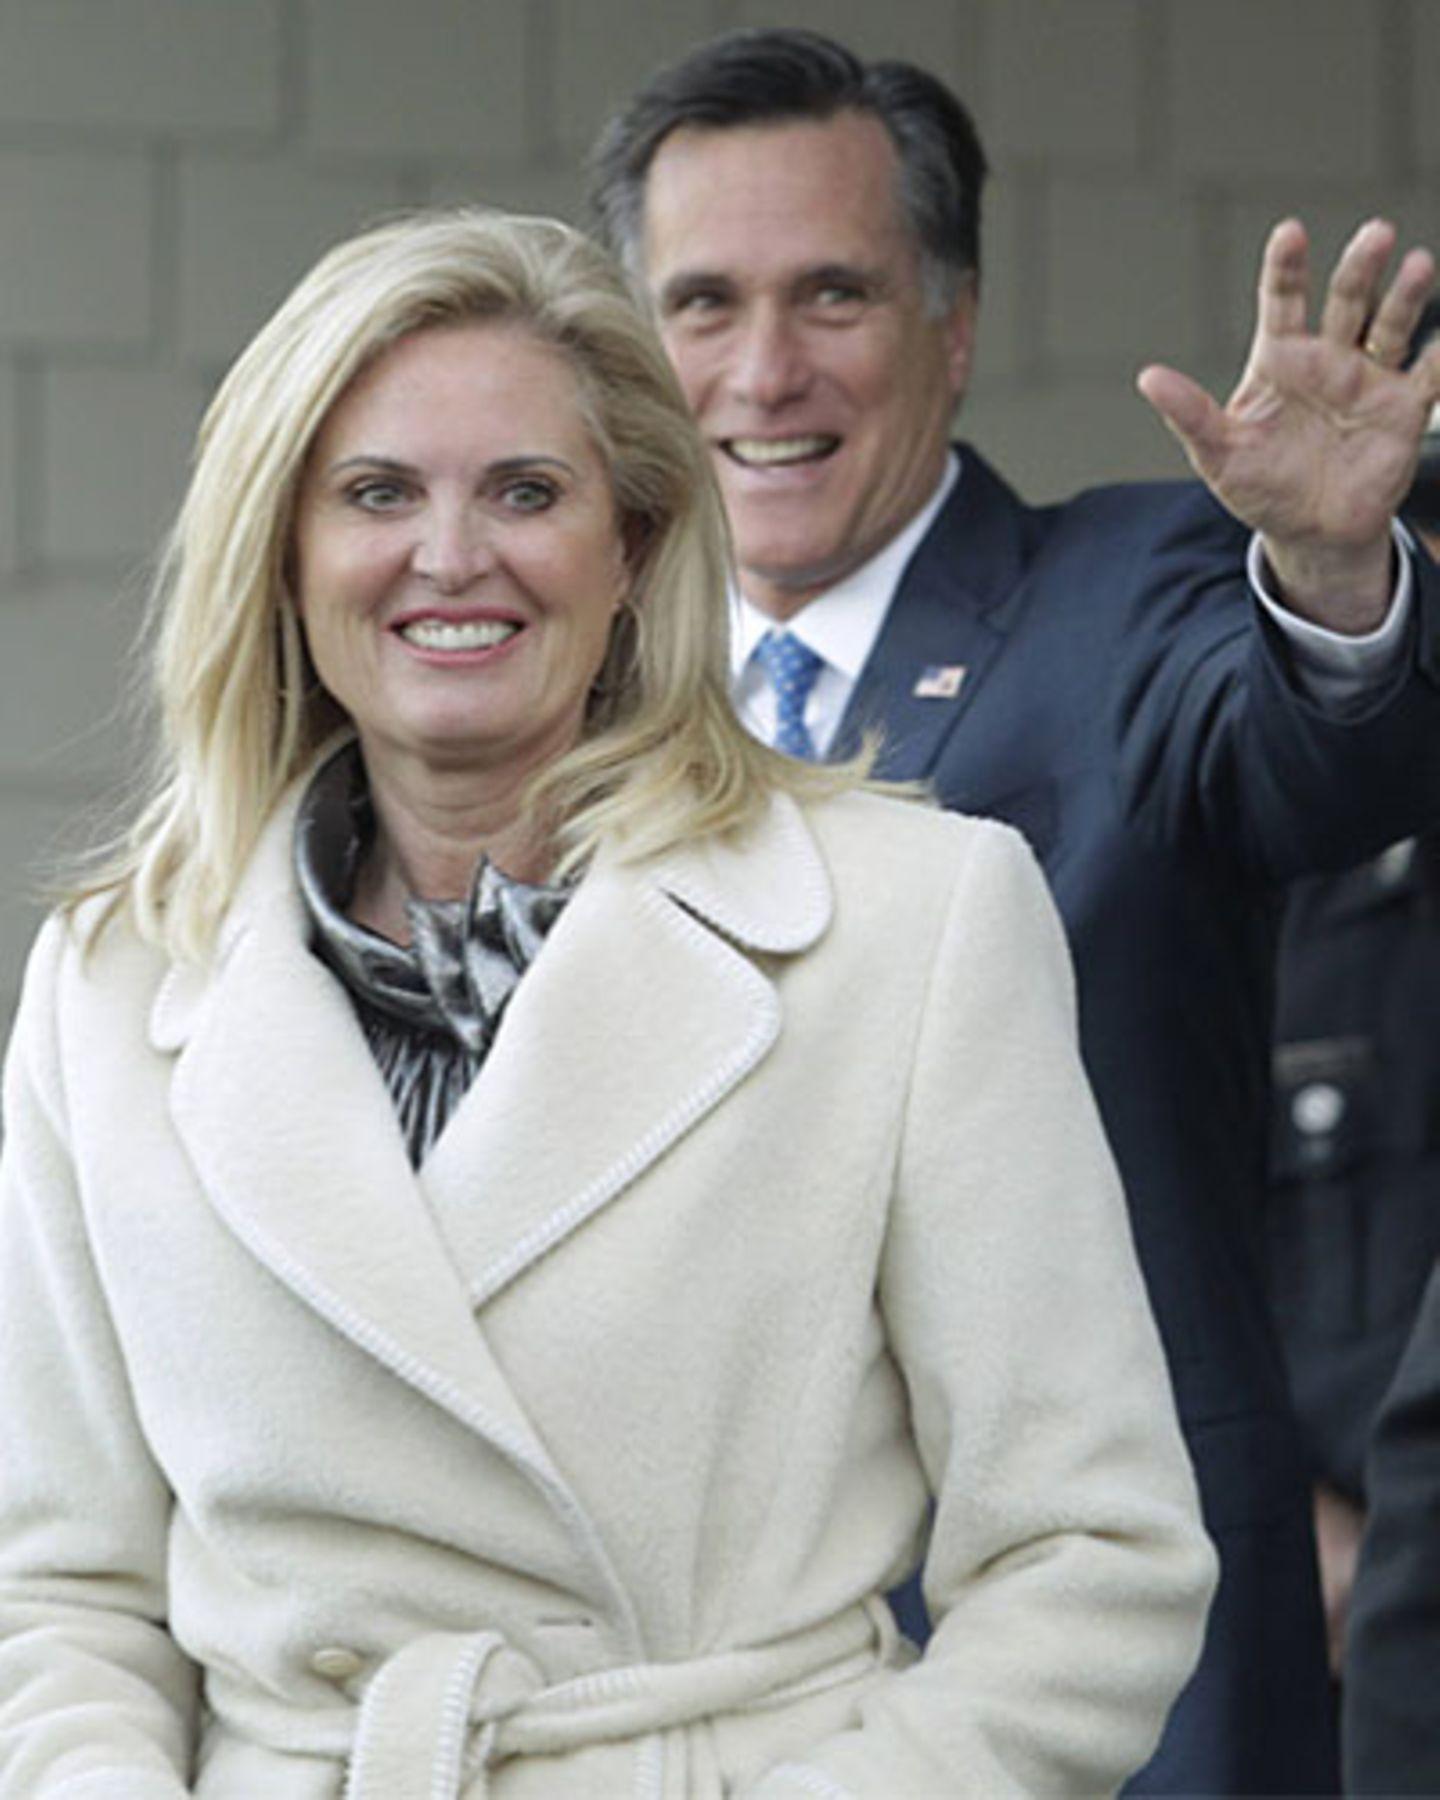 """Doch Anns Vorzeigeleben hat auch dunkle Seiten: Eine Fehlgeburt im siebten Monat musste sie verkraften, 1998 wurde bei ihr dann Multiple Sklerose festgestellt. 2007 die nächste Diagnose: Brustkrebs. Sie bekämpfte die schweren Krankheiten mit Operationen und Therapien """"aus der westlichen und östlichen Welt"""", wie sie sagt. Mitt Romney fürchtet um sie: """"Ohne meine Frau bin ich handlungsunfähig."""""""